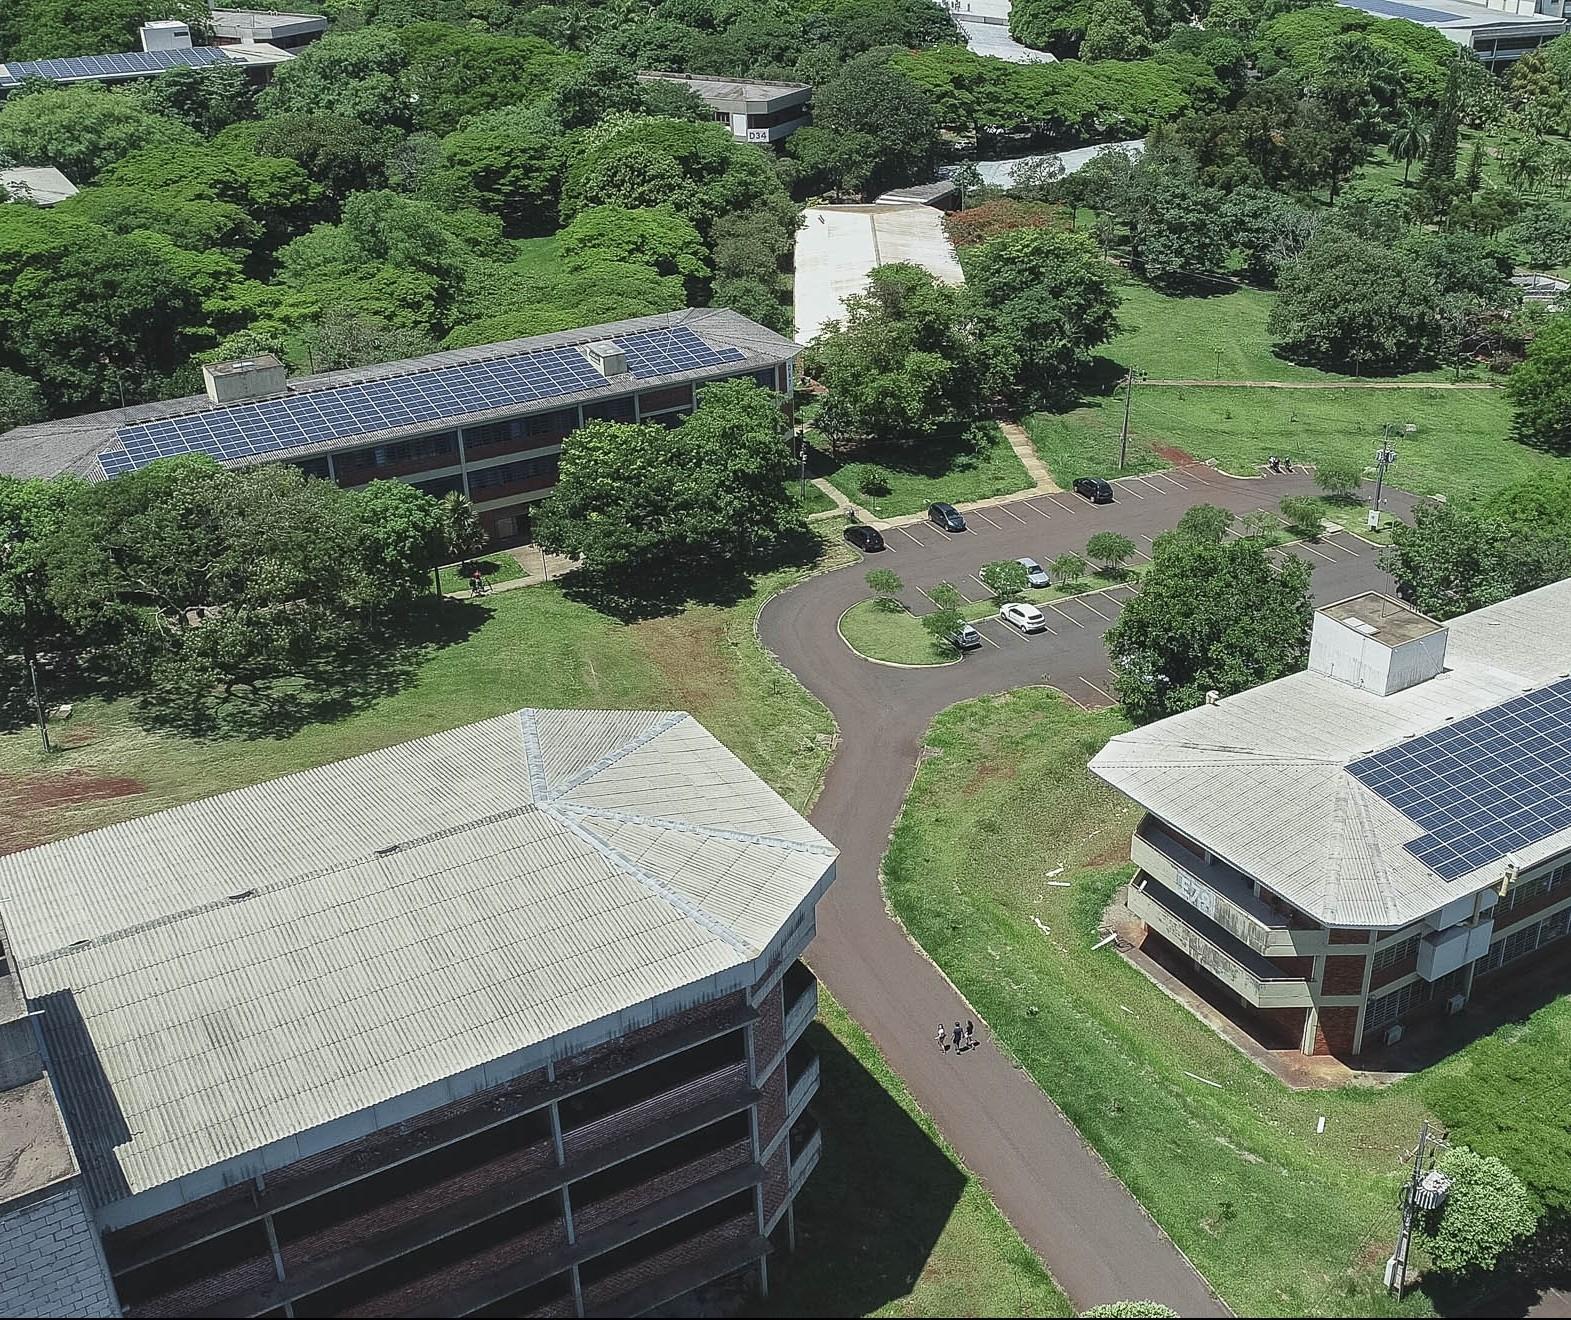 Painéis fotovoltaicos começam a gerar energia no campus da UEM